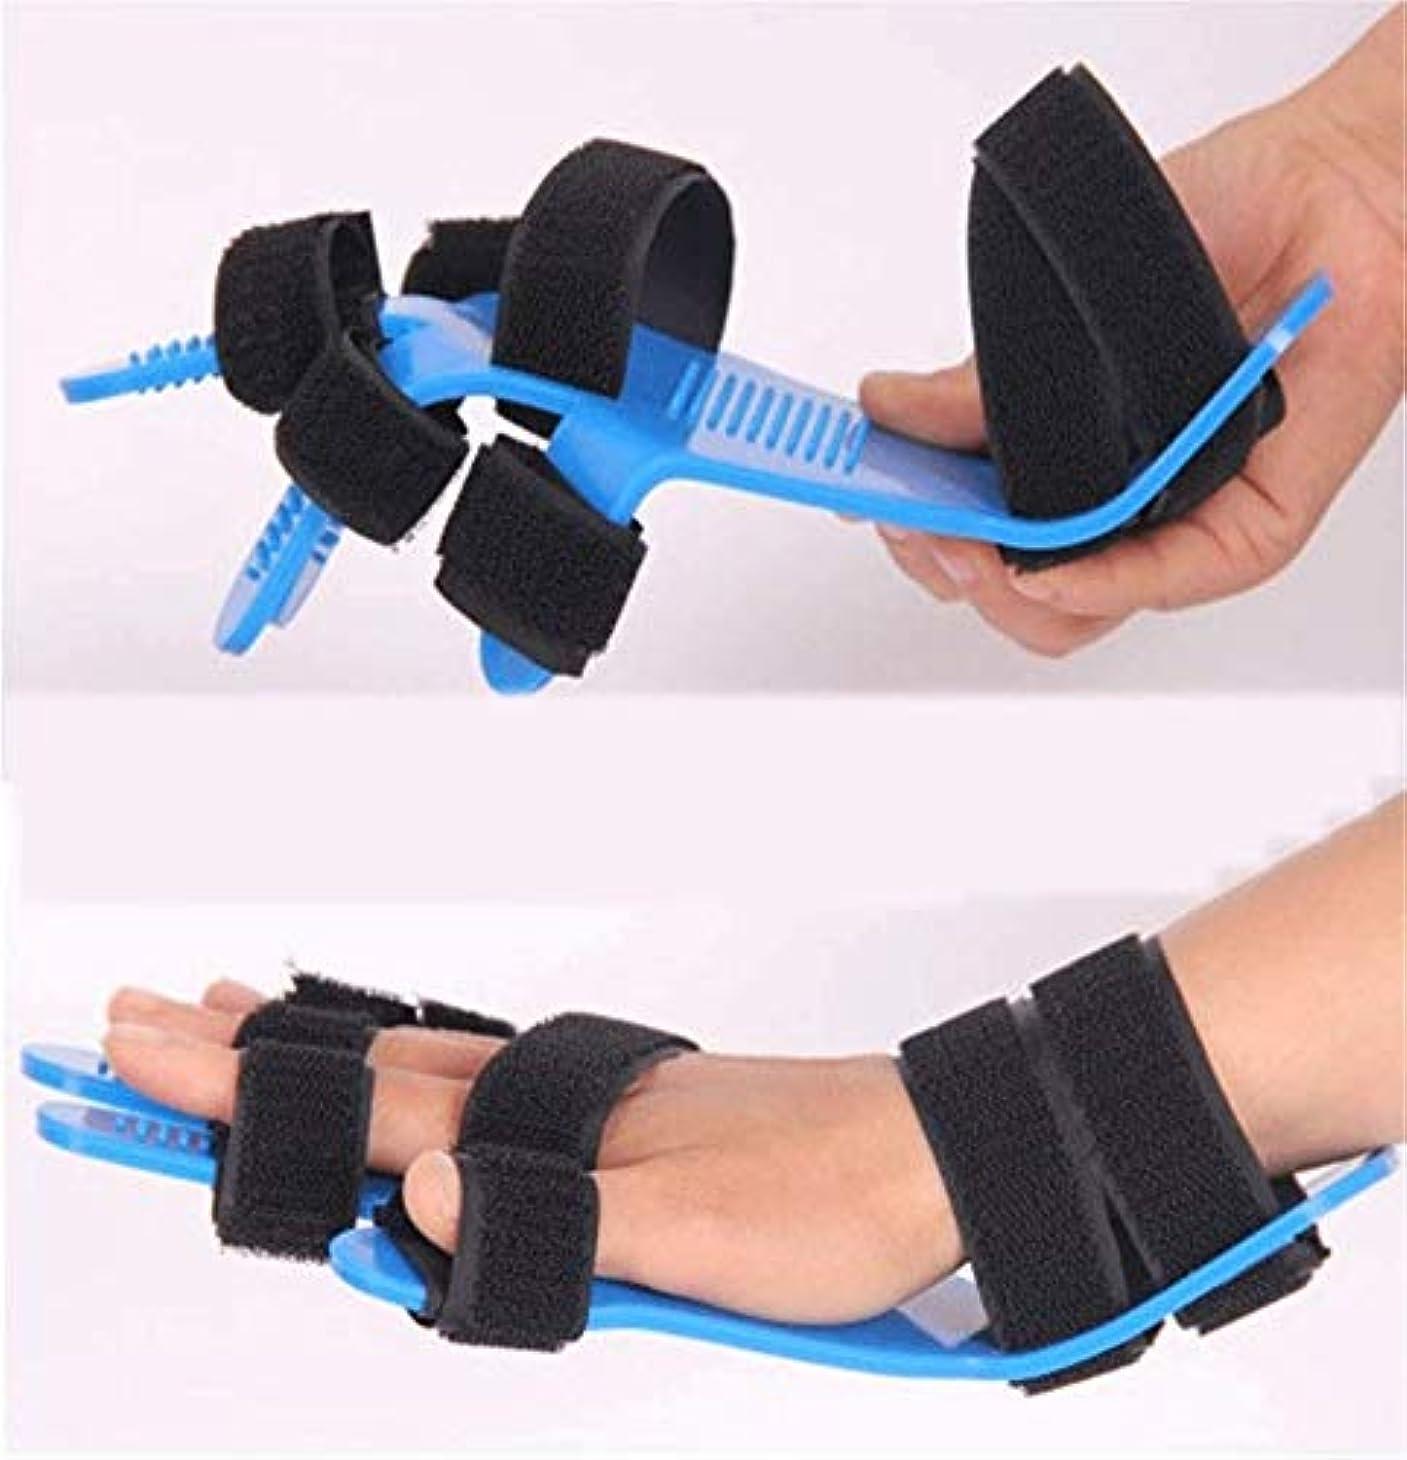 発行する法令スポットセパレータインソールフィンガー拡張スプリントばね指スプリント、指の骨折、傷、術後ケアと痛み-ReliefBoth左右の手指